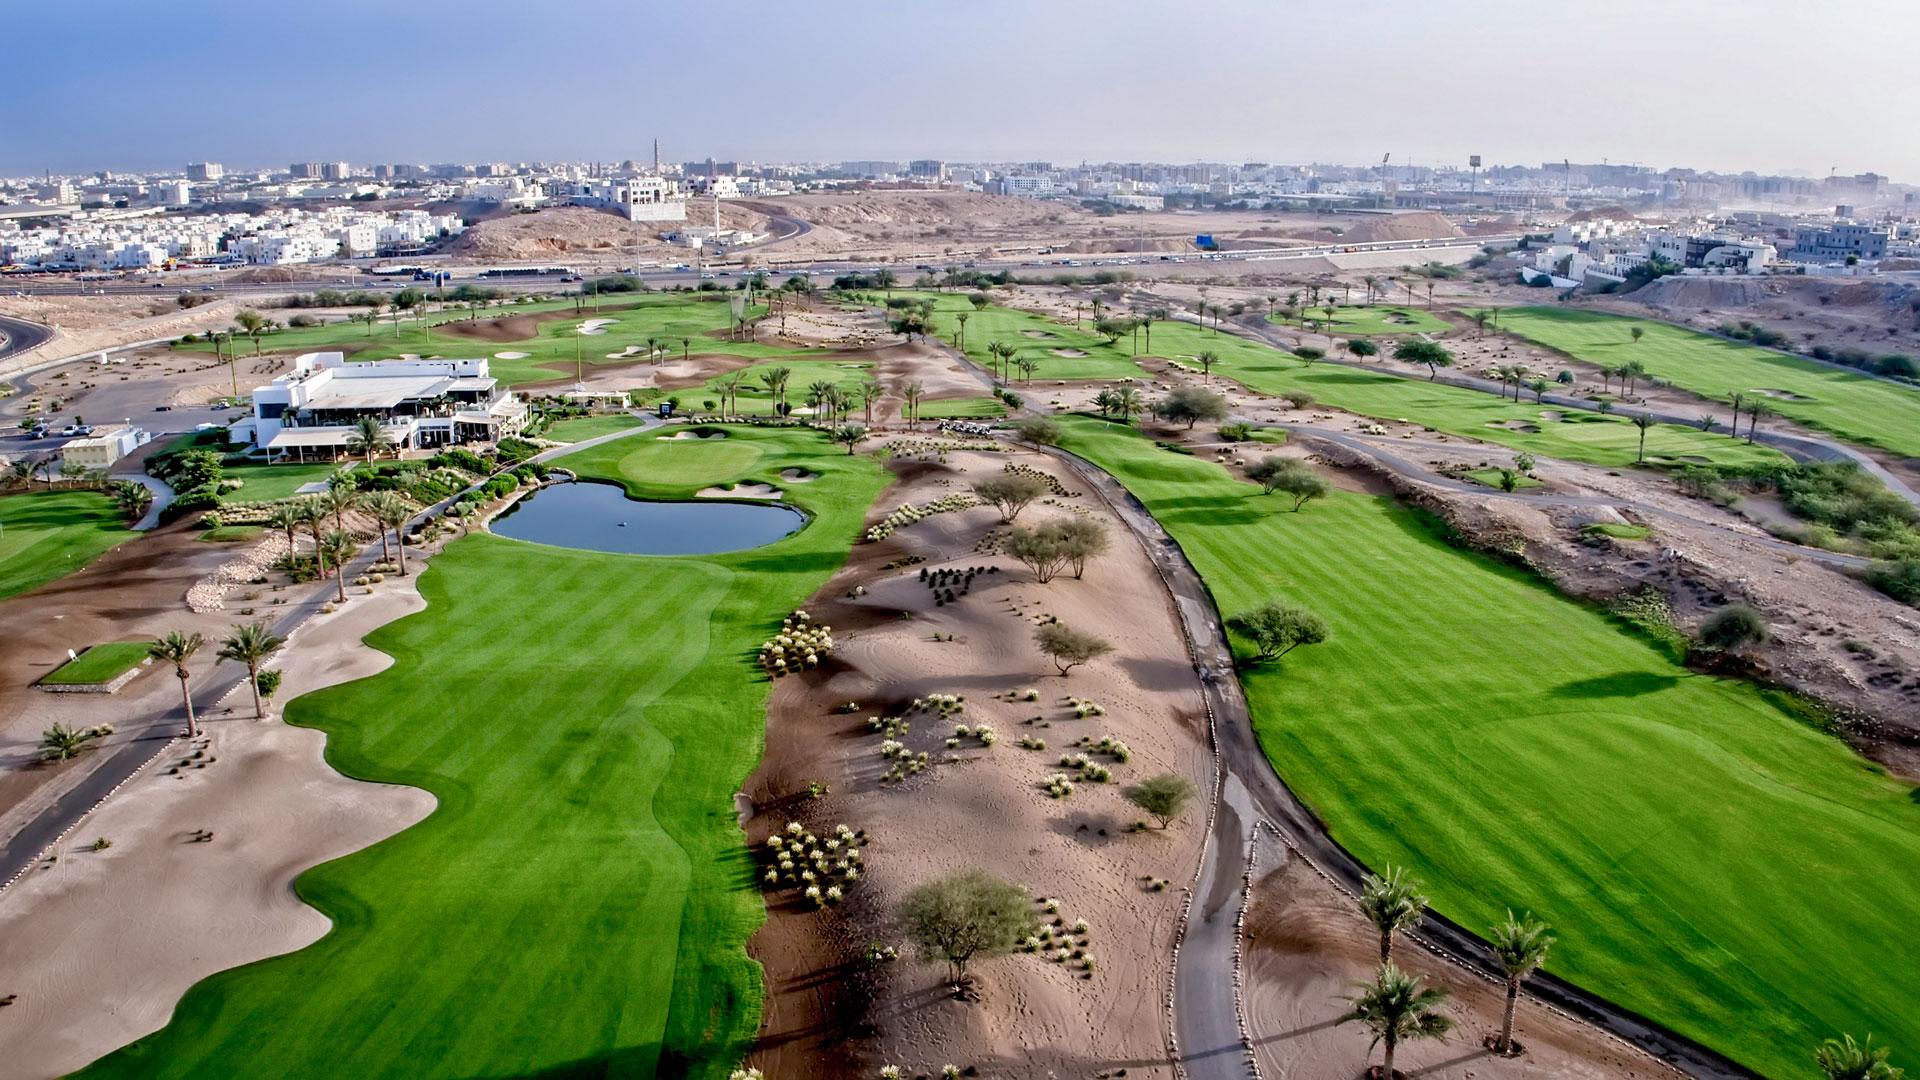 ghala-golf-club-course-3.jpg